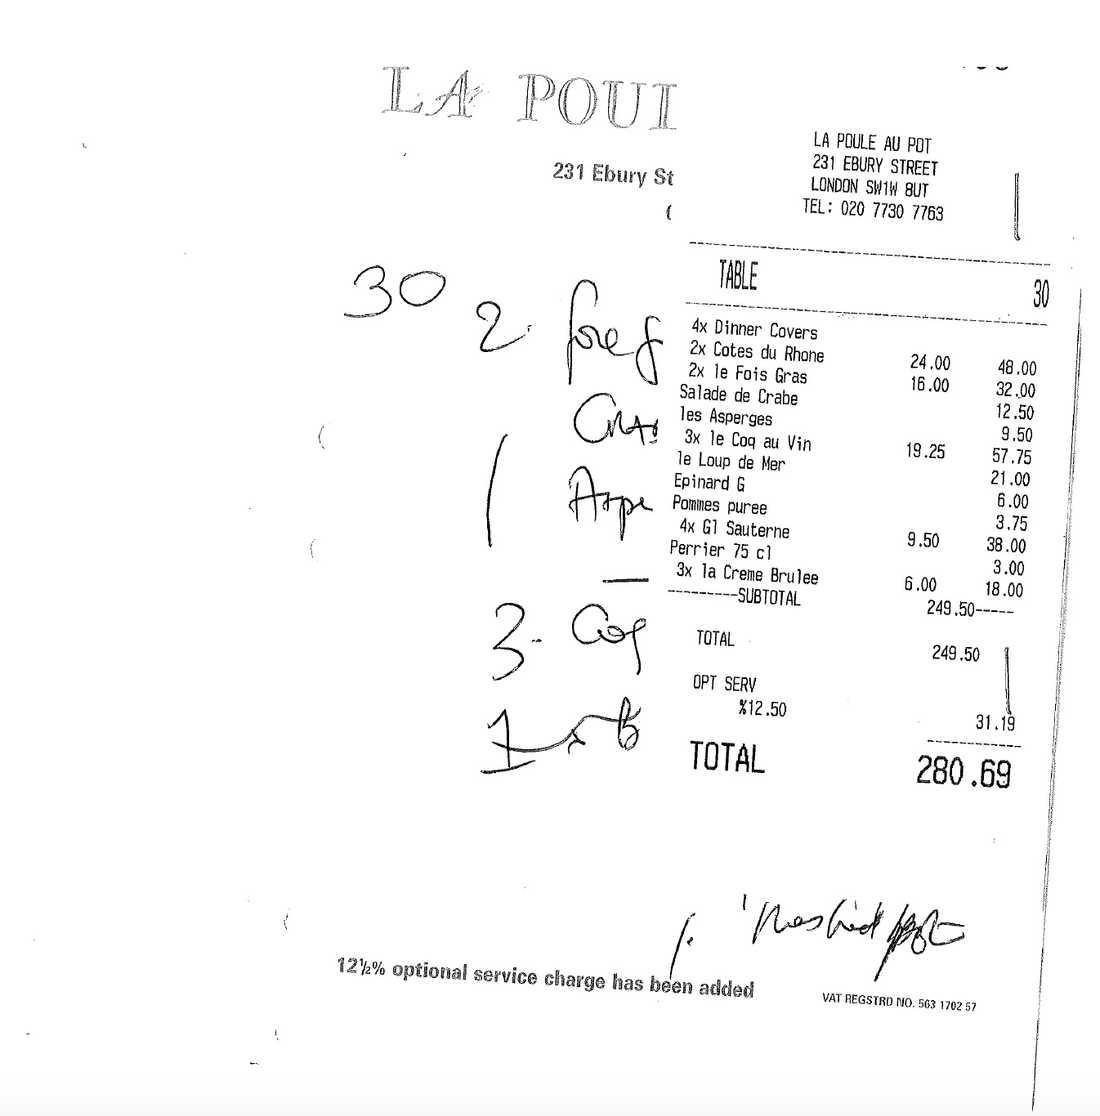 Nota på drygt 3000 svenska kronor från den exklusiva franska bistron Le Puole a Pot i London.